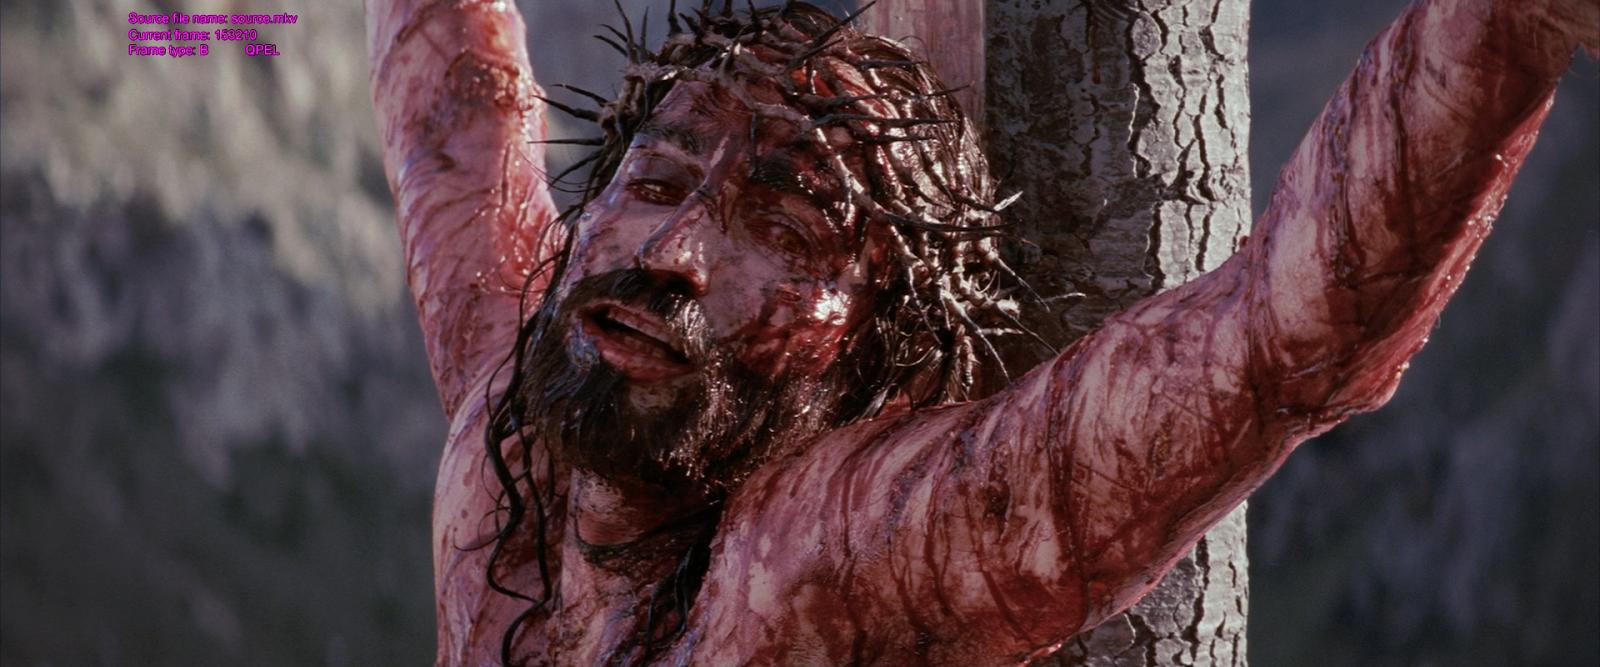 La Pasión De Cristo (2004) Edición Definitiva Full HD 1080p BD25 6